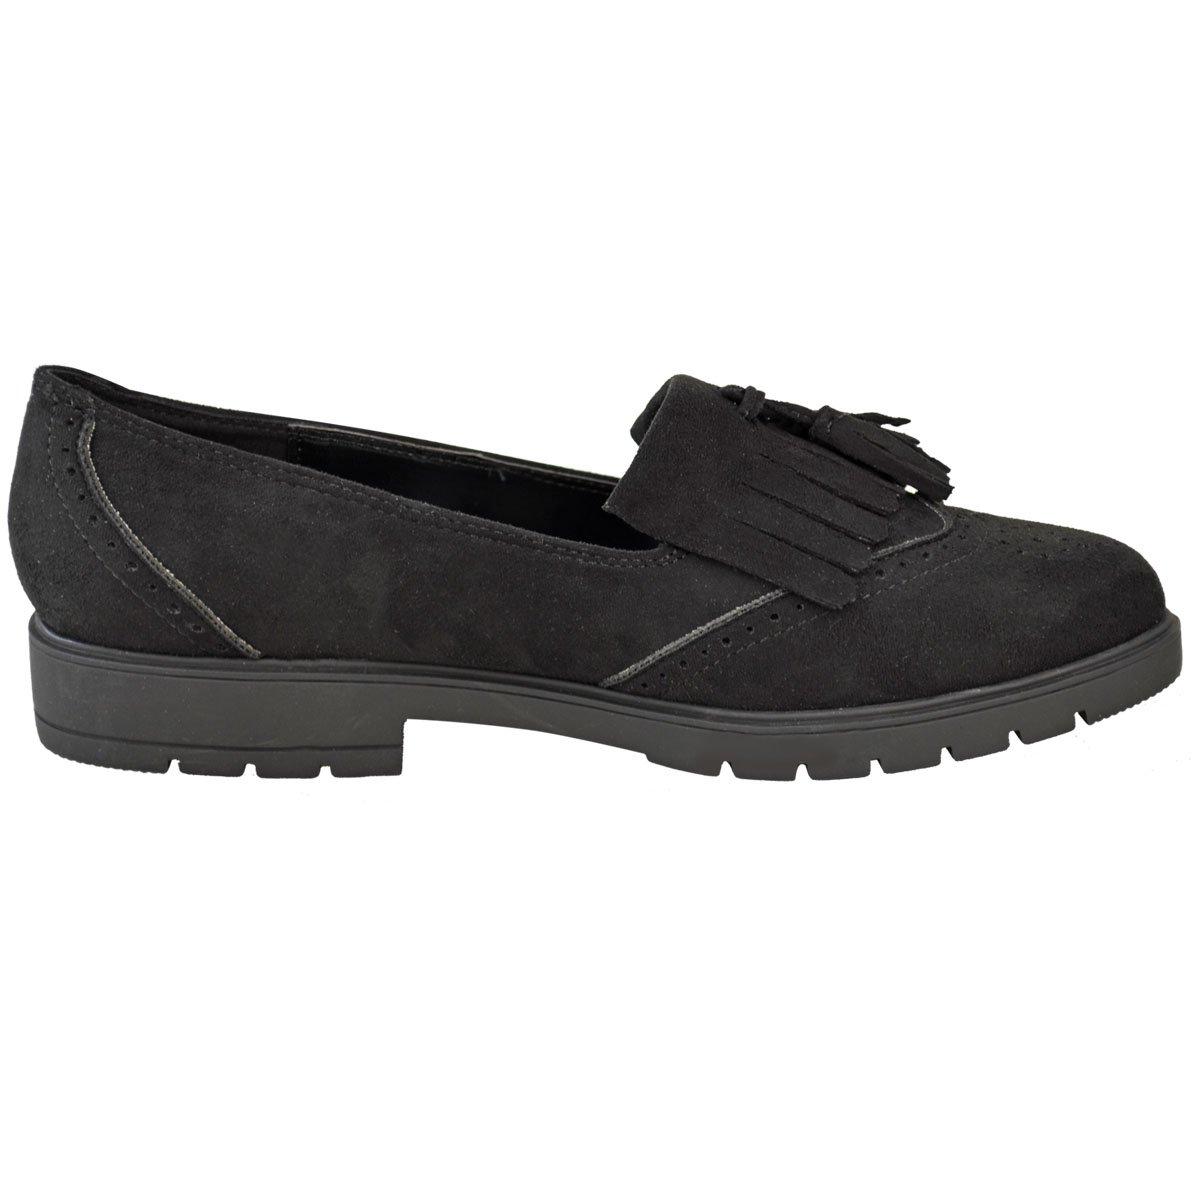 Plano Mujer Informal Zapatos Oxford Oficina con Flecos Mocasines Zapatos de Colegio Talla: Amazon.es: Zapatos y complementos